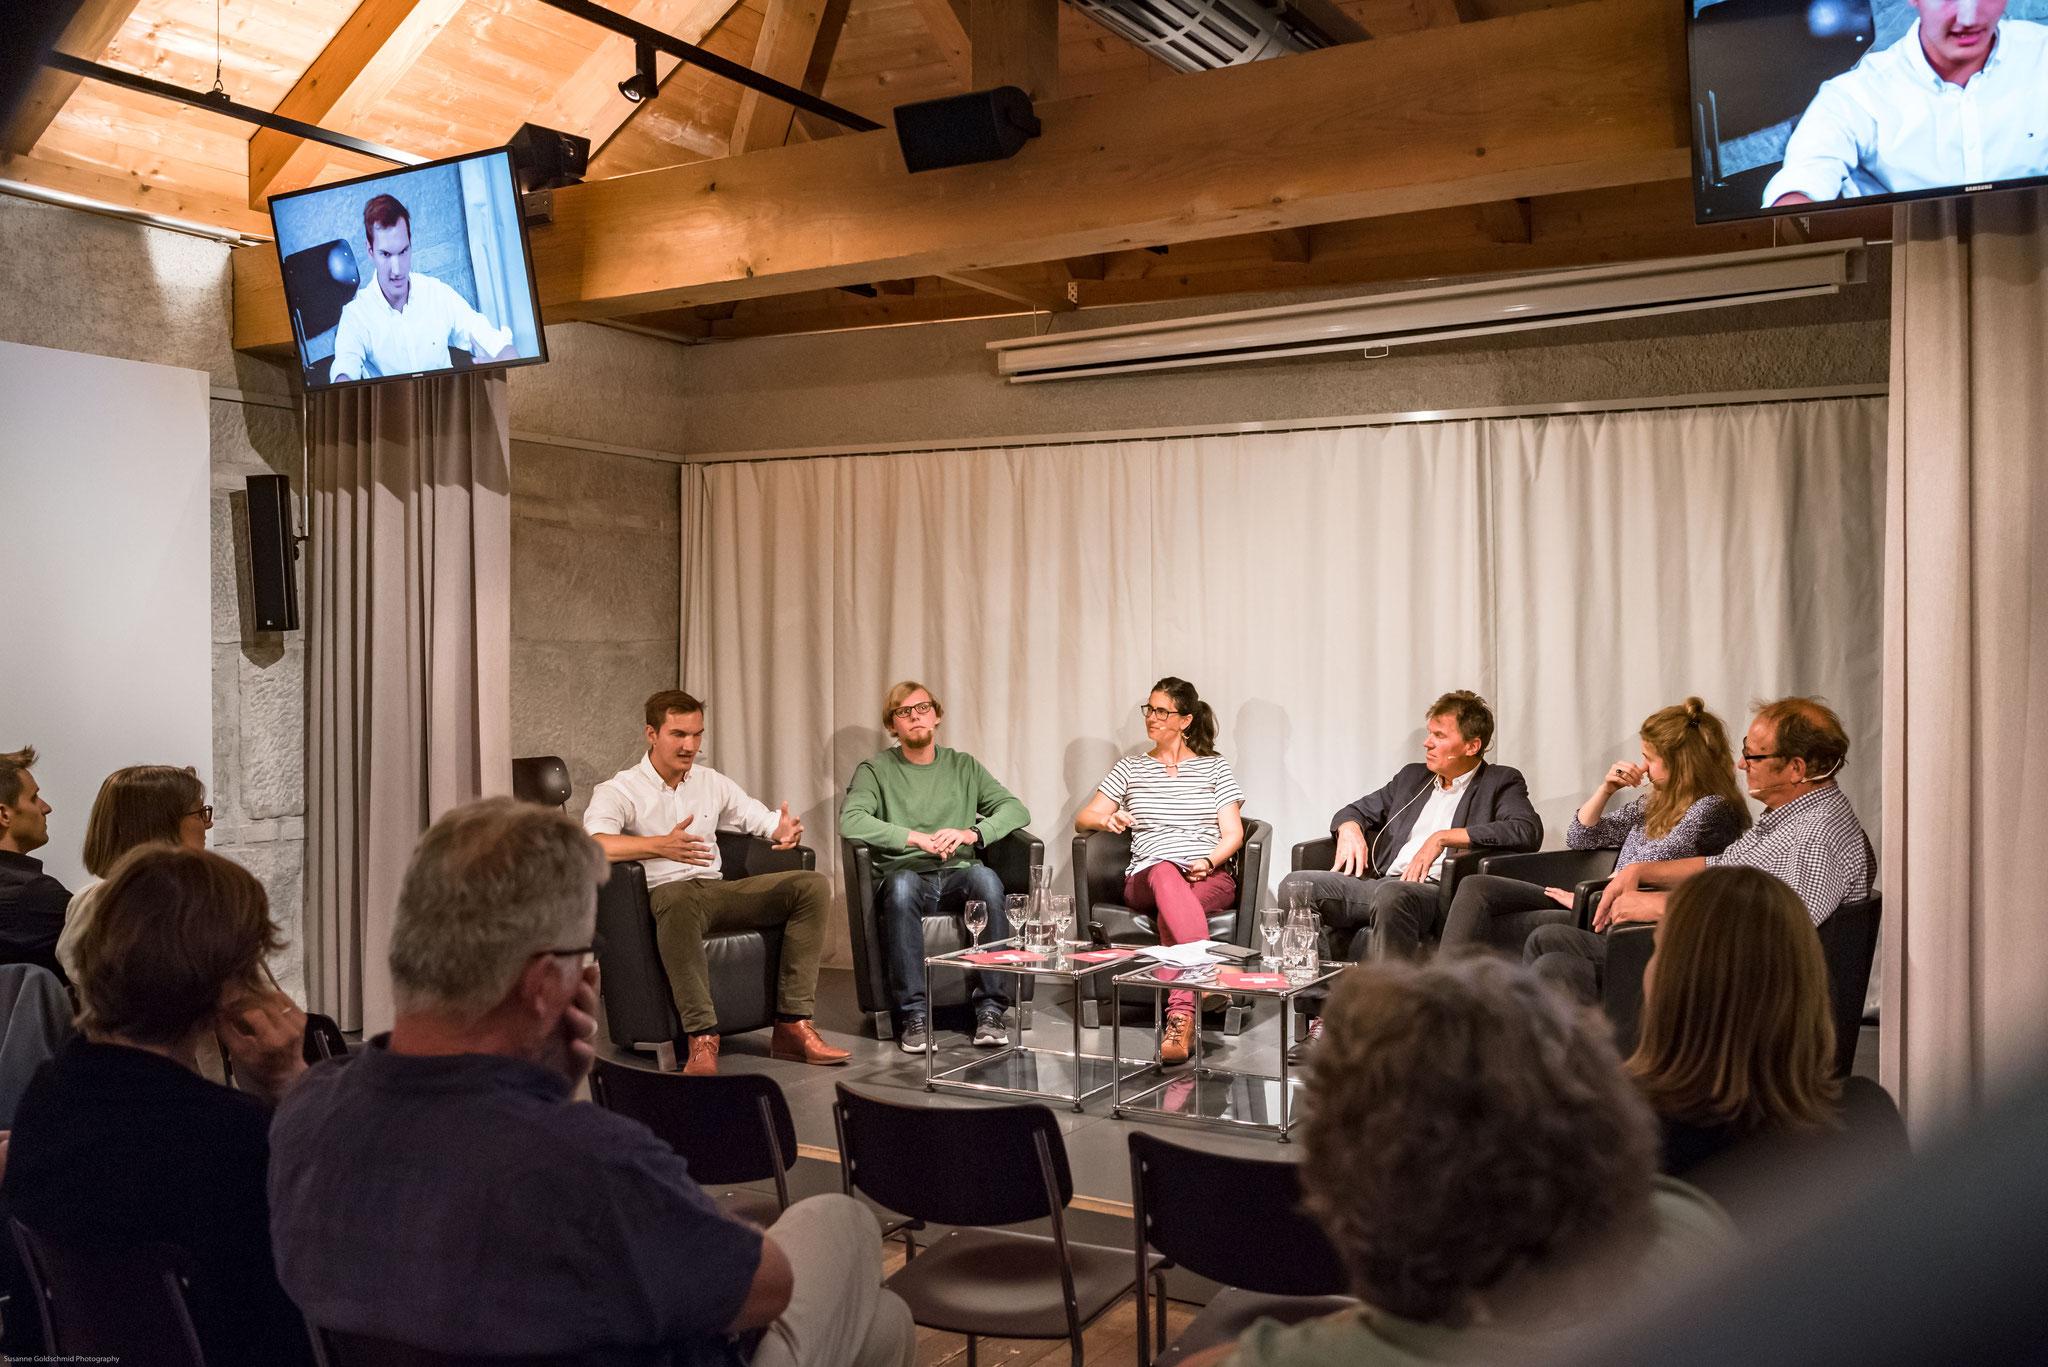 Podiumsdiskussion: Warum und wie engagieren sich Jugendliche politisch? Welche Voraussetzungen braucht es hierfür?